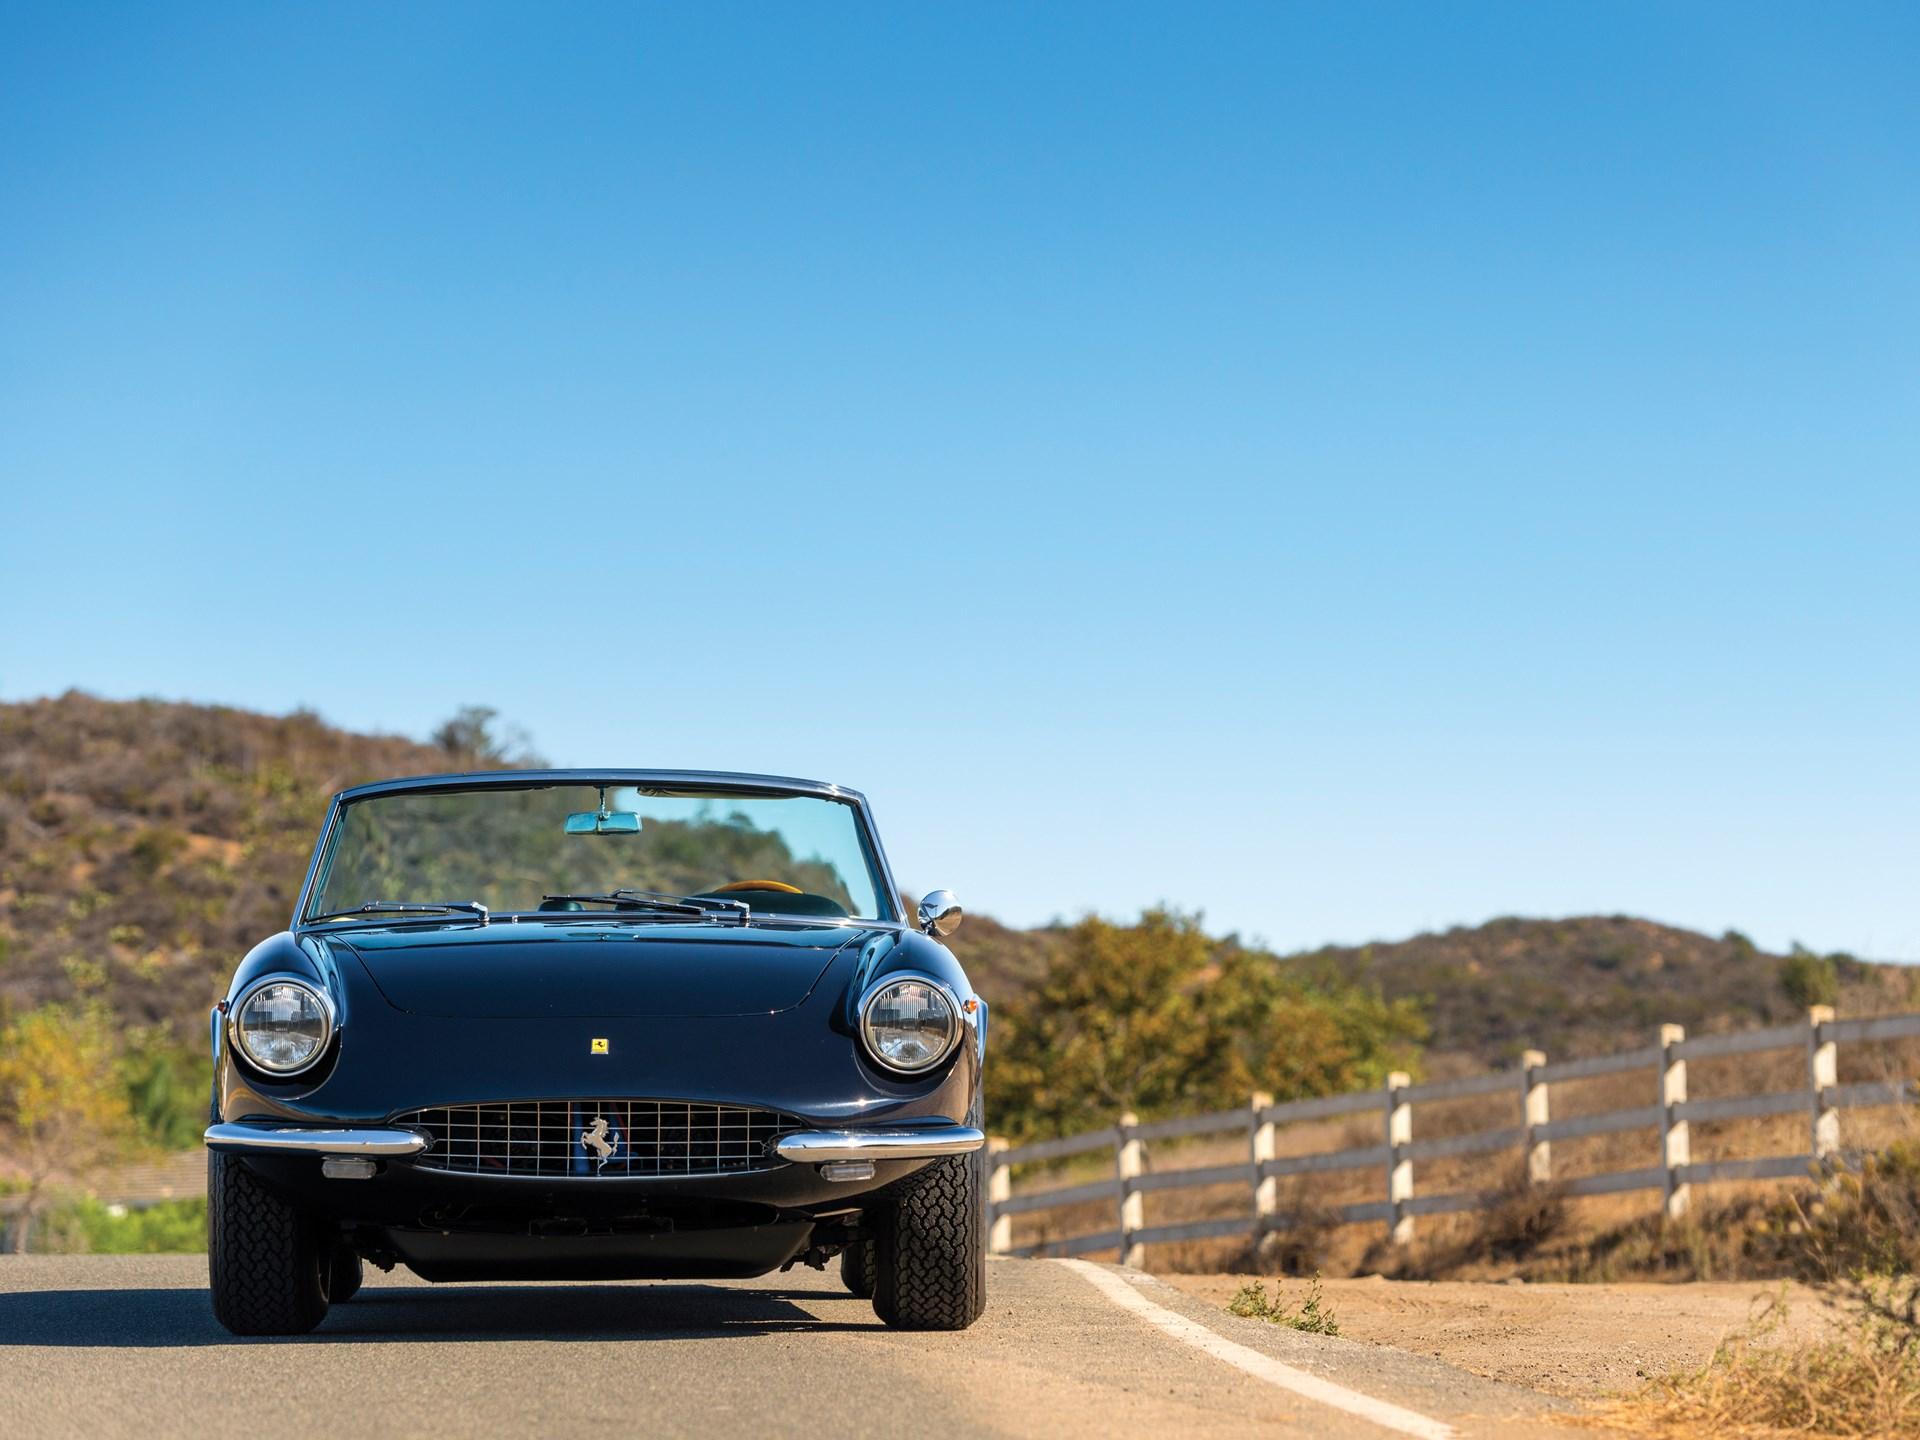 1969 Ferrari 365 GTS by Pininfarina